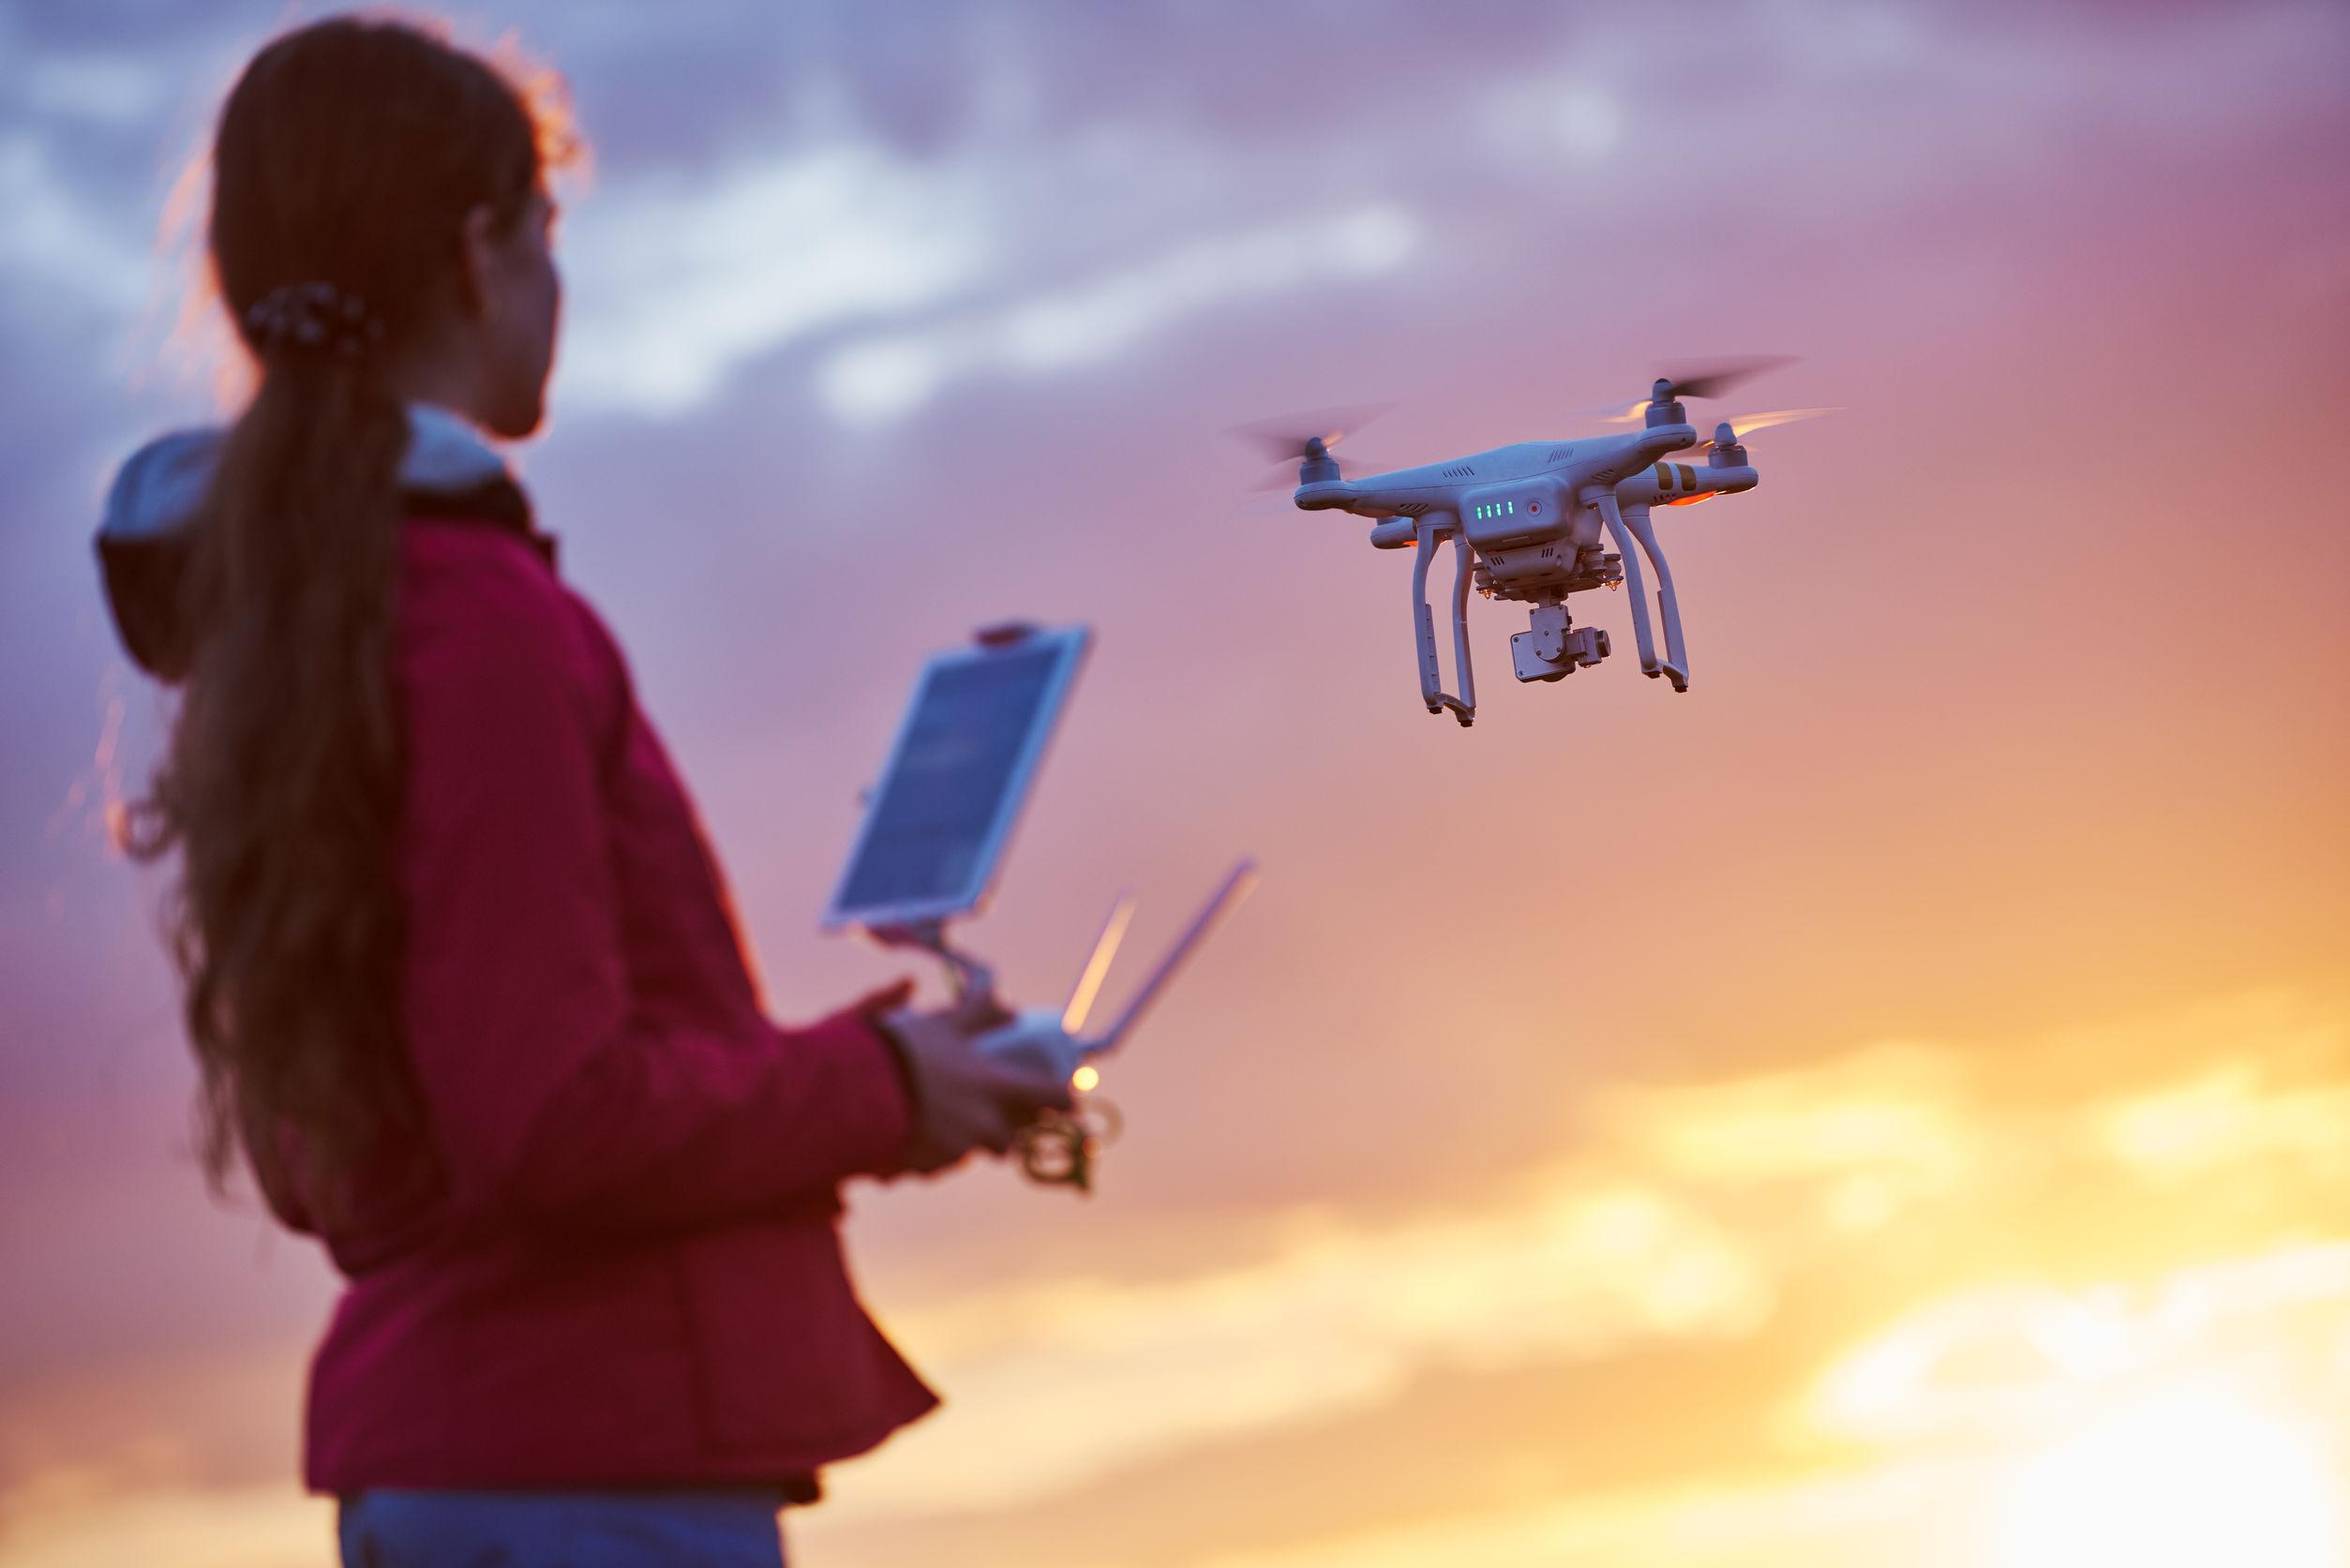 Drone volando o flotando por debajo de operación de control remoto en la puesta del sol